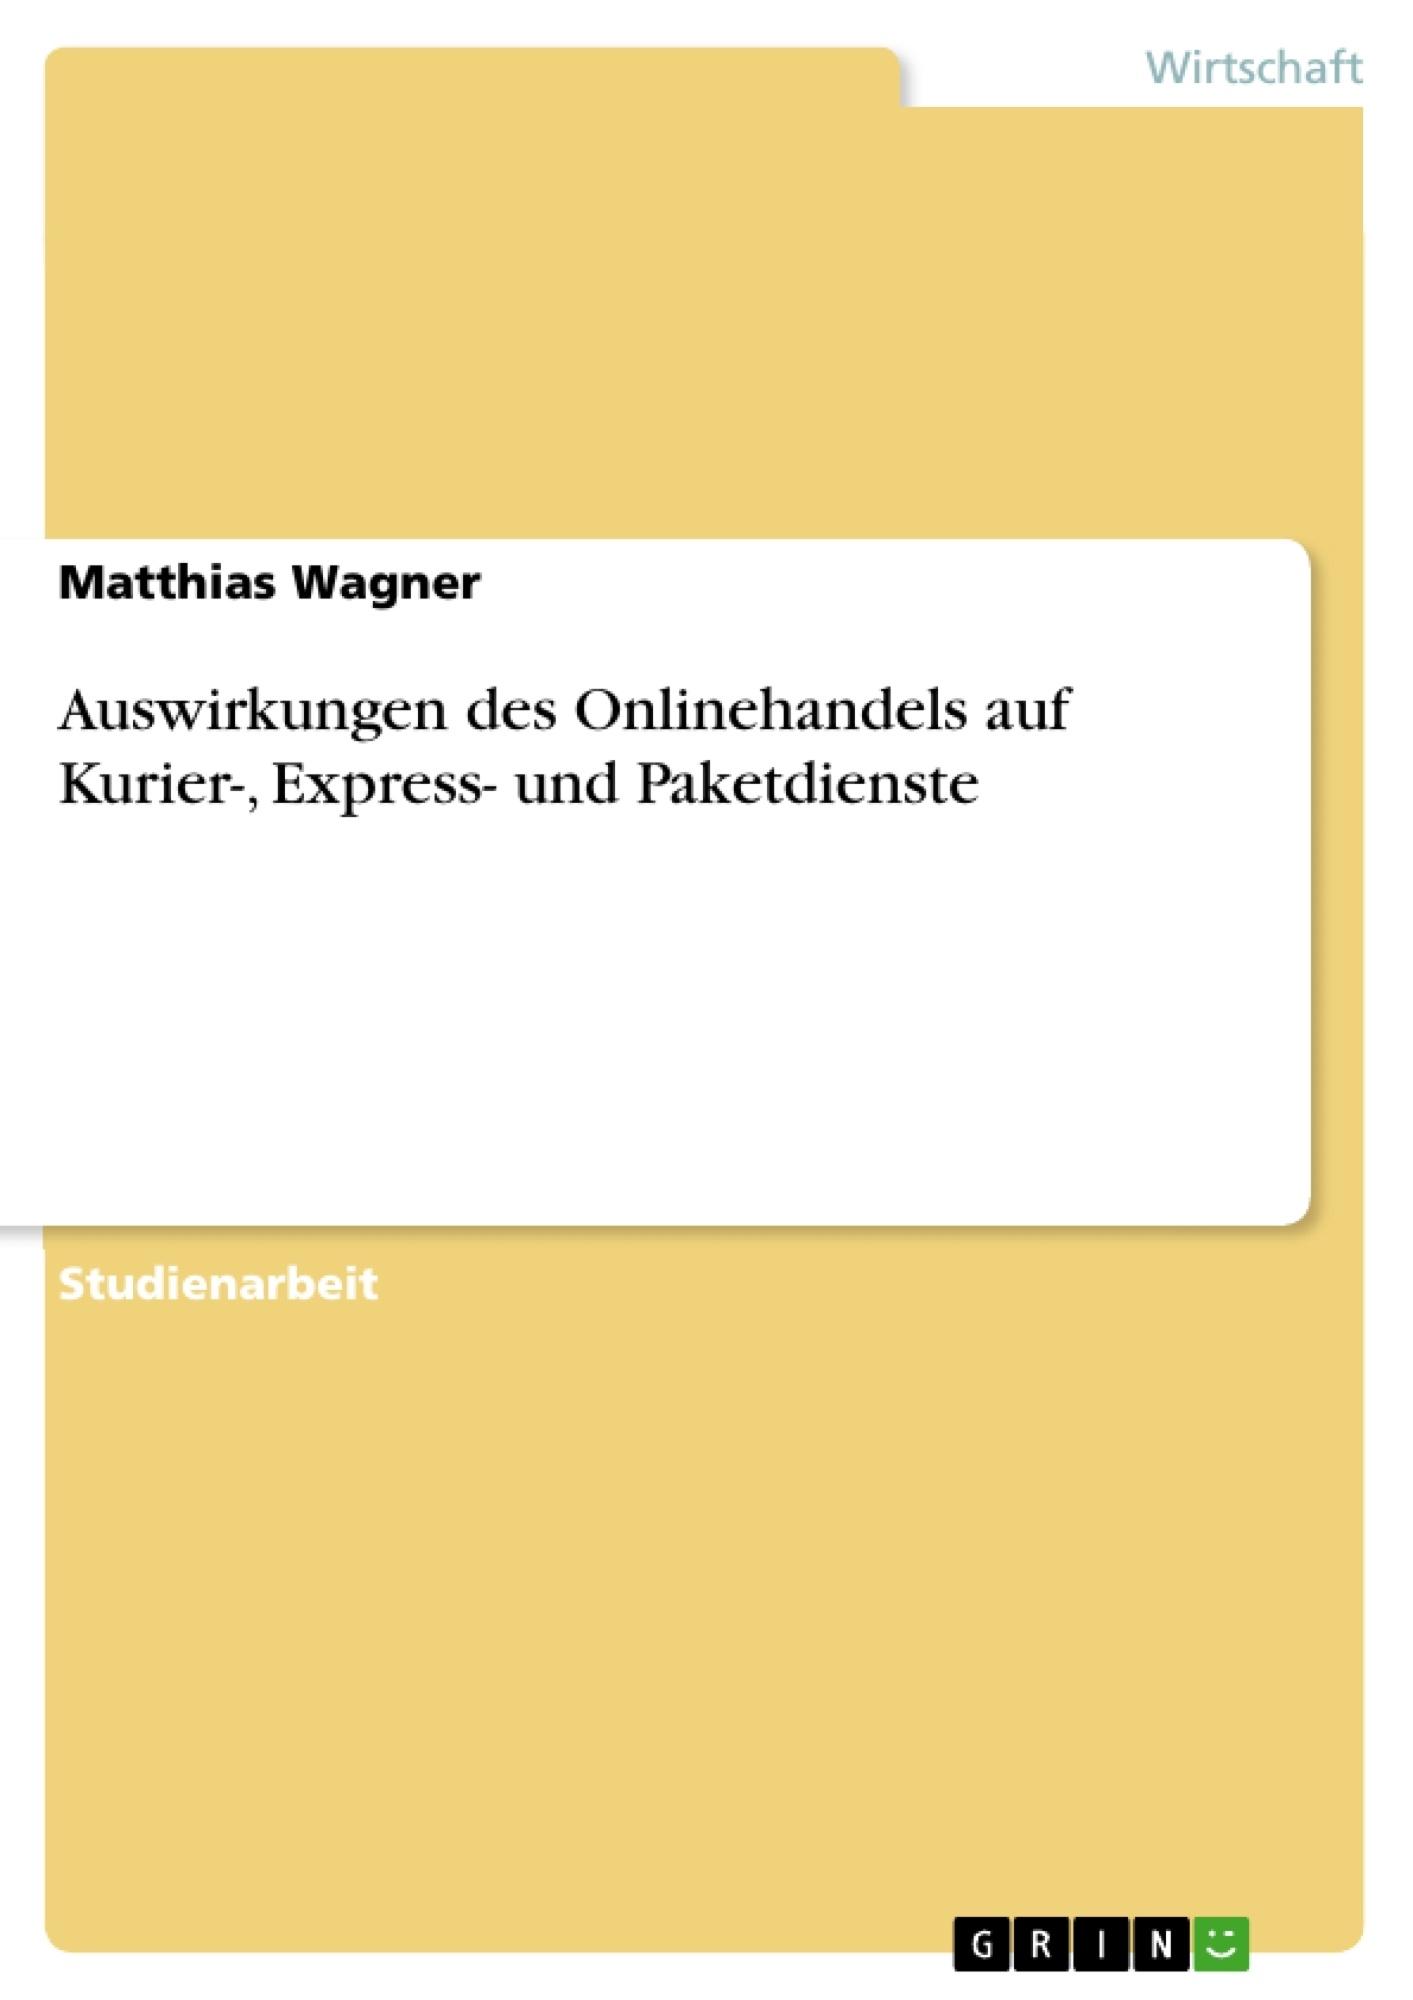 Titel: Auswirkungen des Onlinehandels auf Kurier-, Express- und Paketdienste